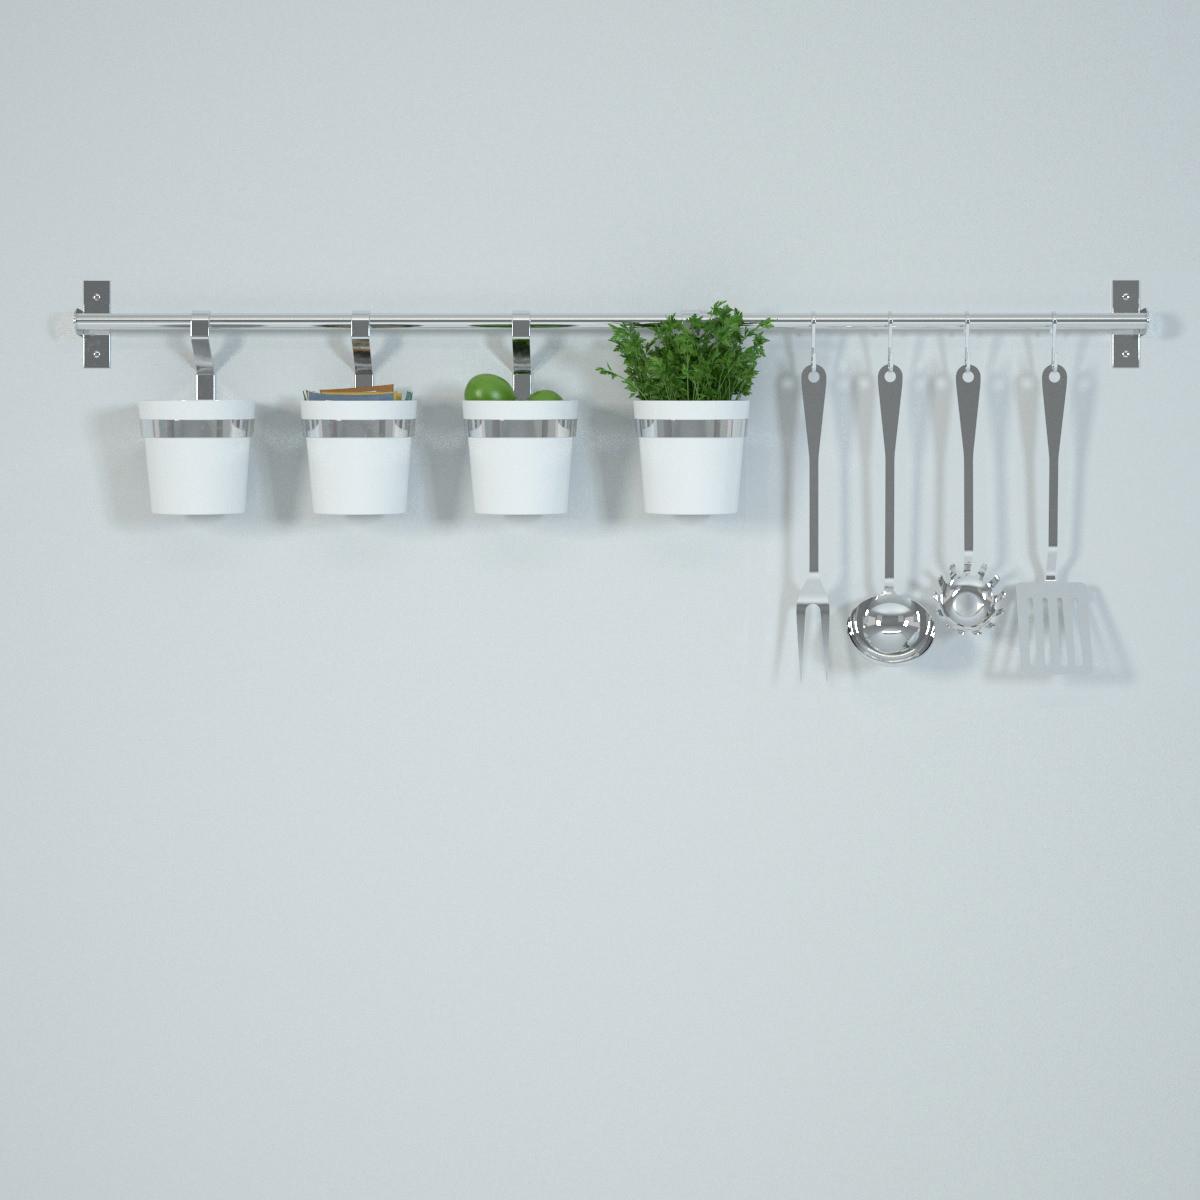 ikea wandregal grundtal inspirierendes design f r wohnm bel. Black Bedroom Furniture Sets. Home Design Ideas